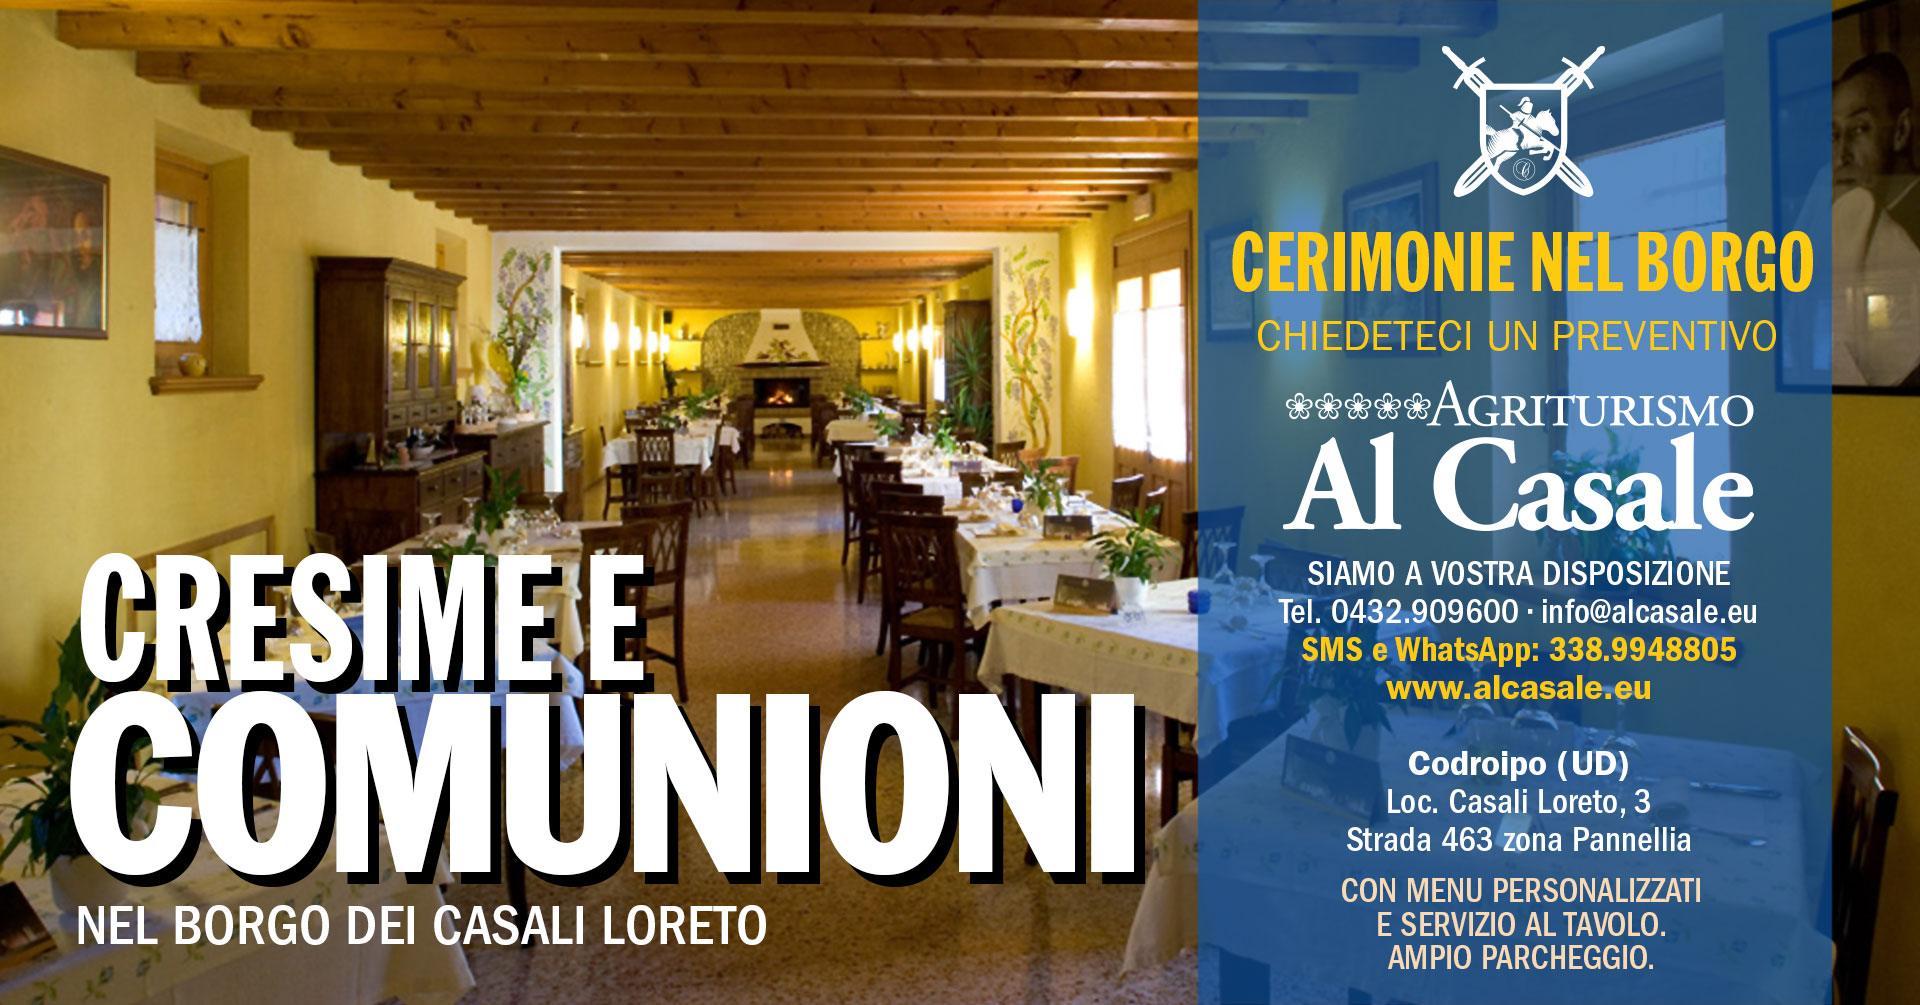 1920x1005 Casale Cerimonie Home Page Agriturismo Al Casale